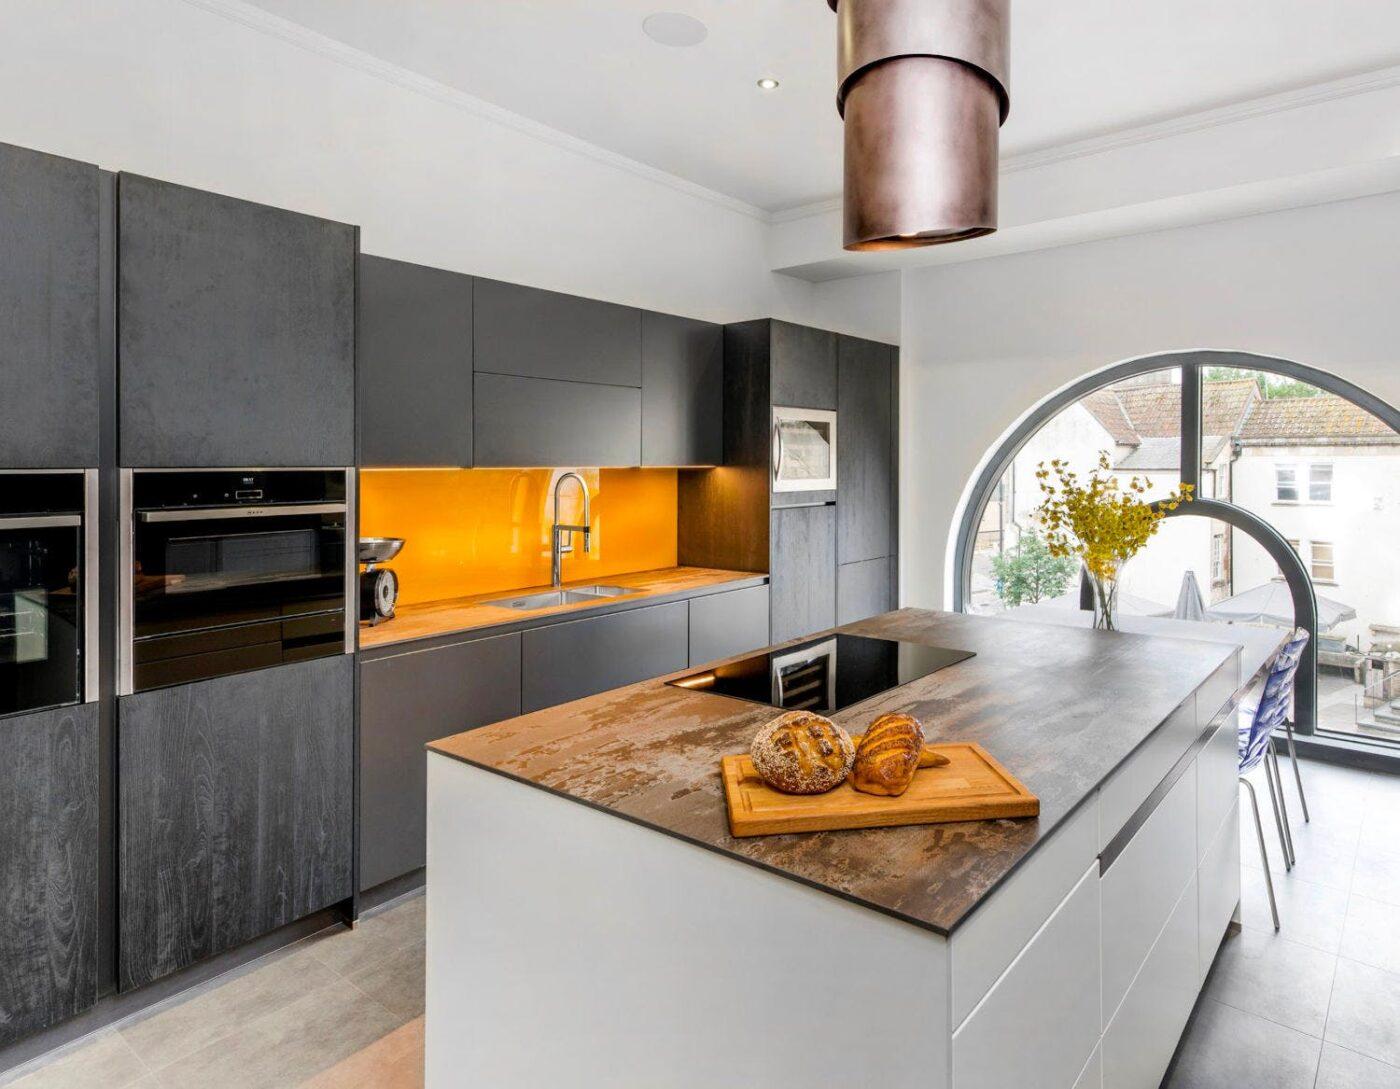 Cozinhas modulares: práticas e versáteis